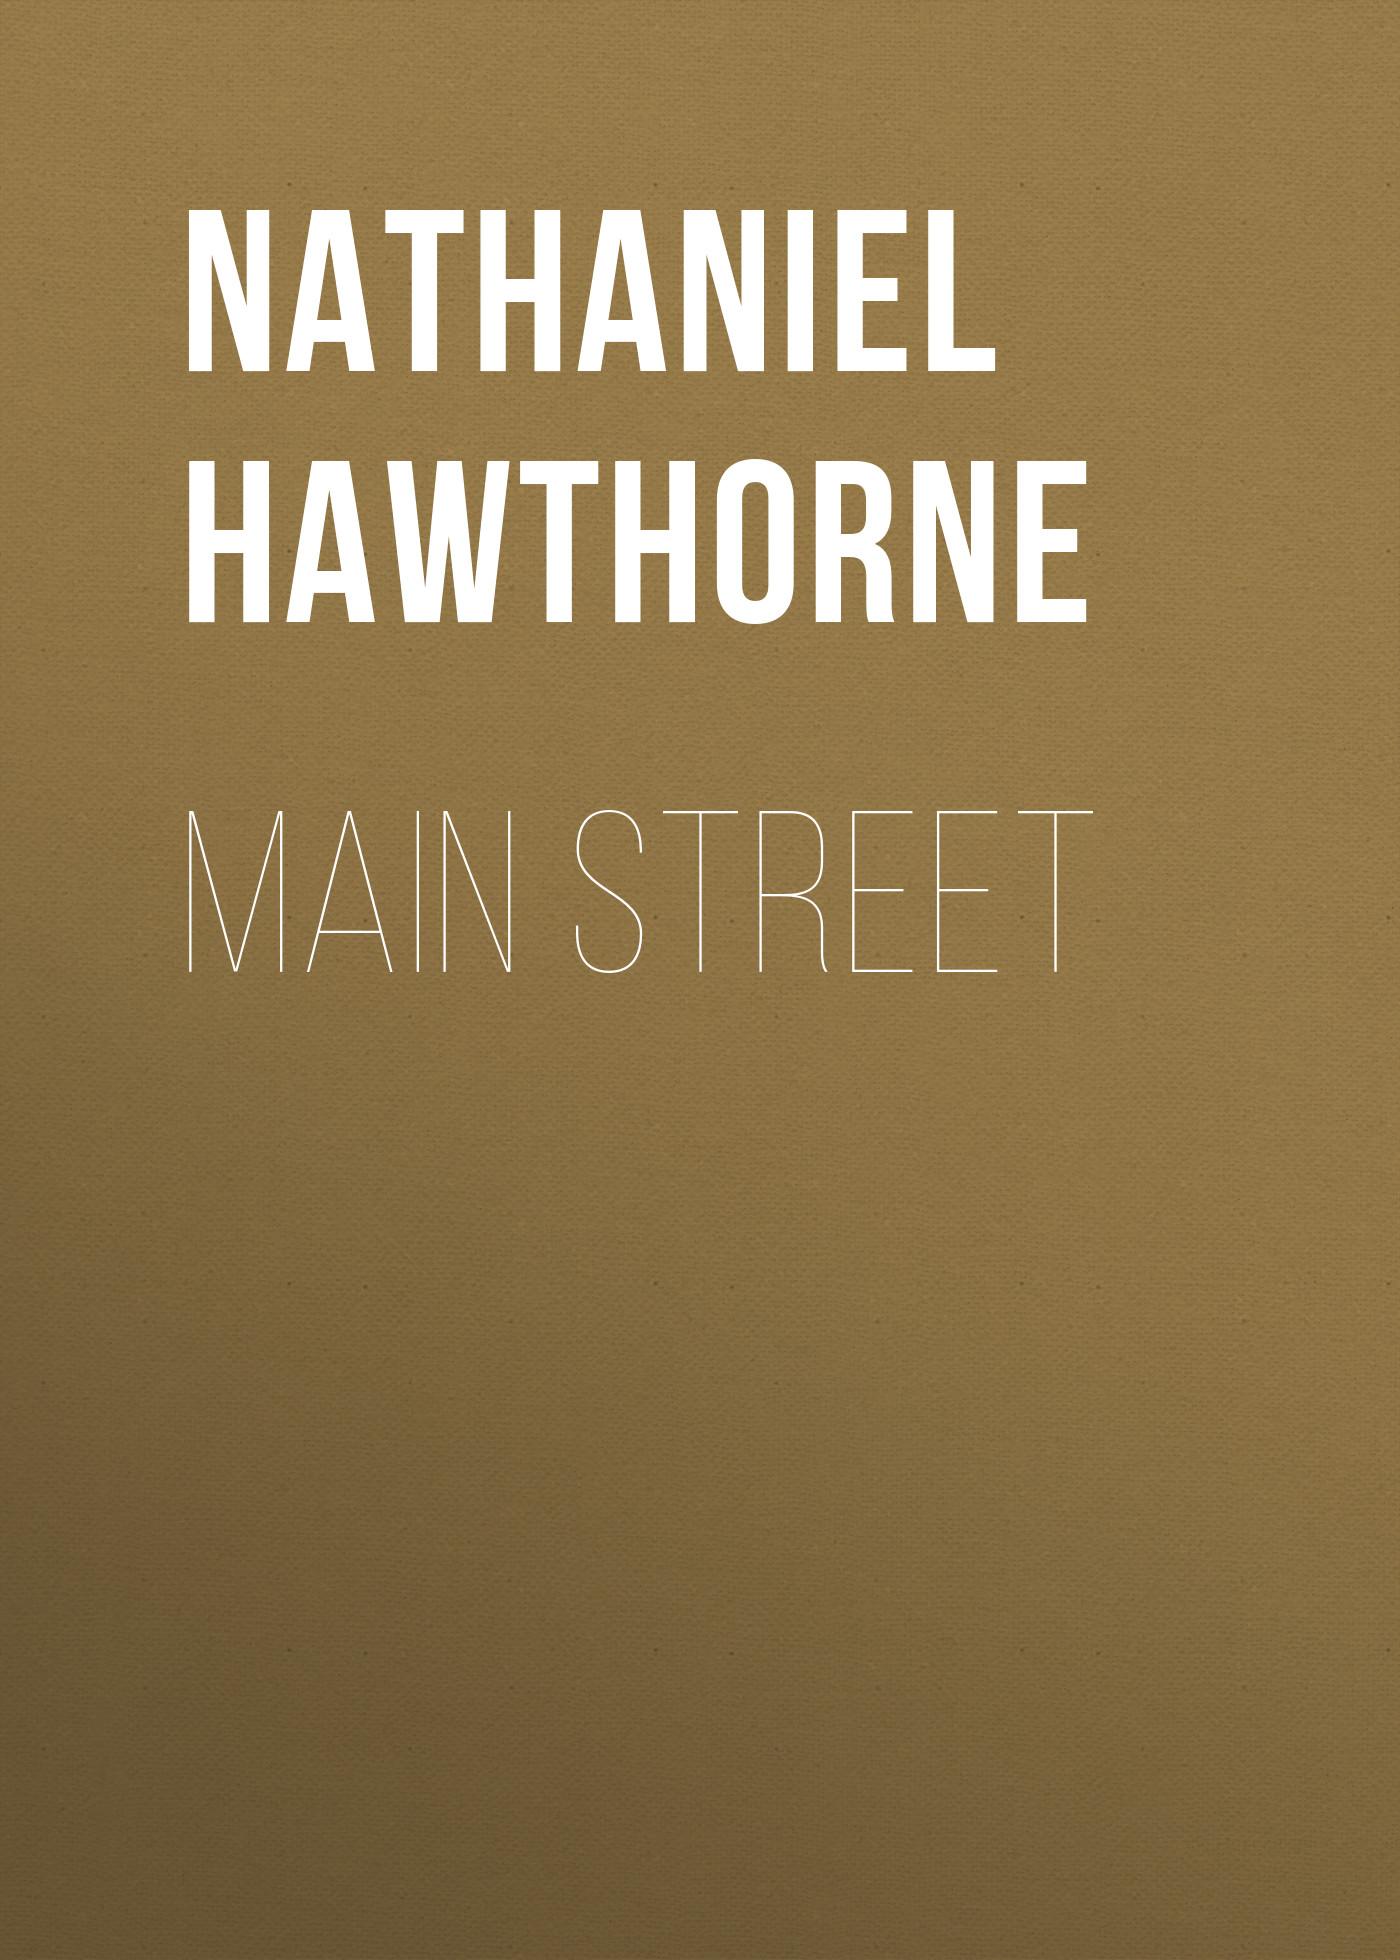 Nathaniel Hawthorne Main Street